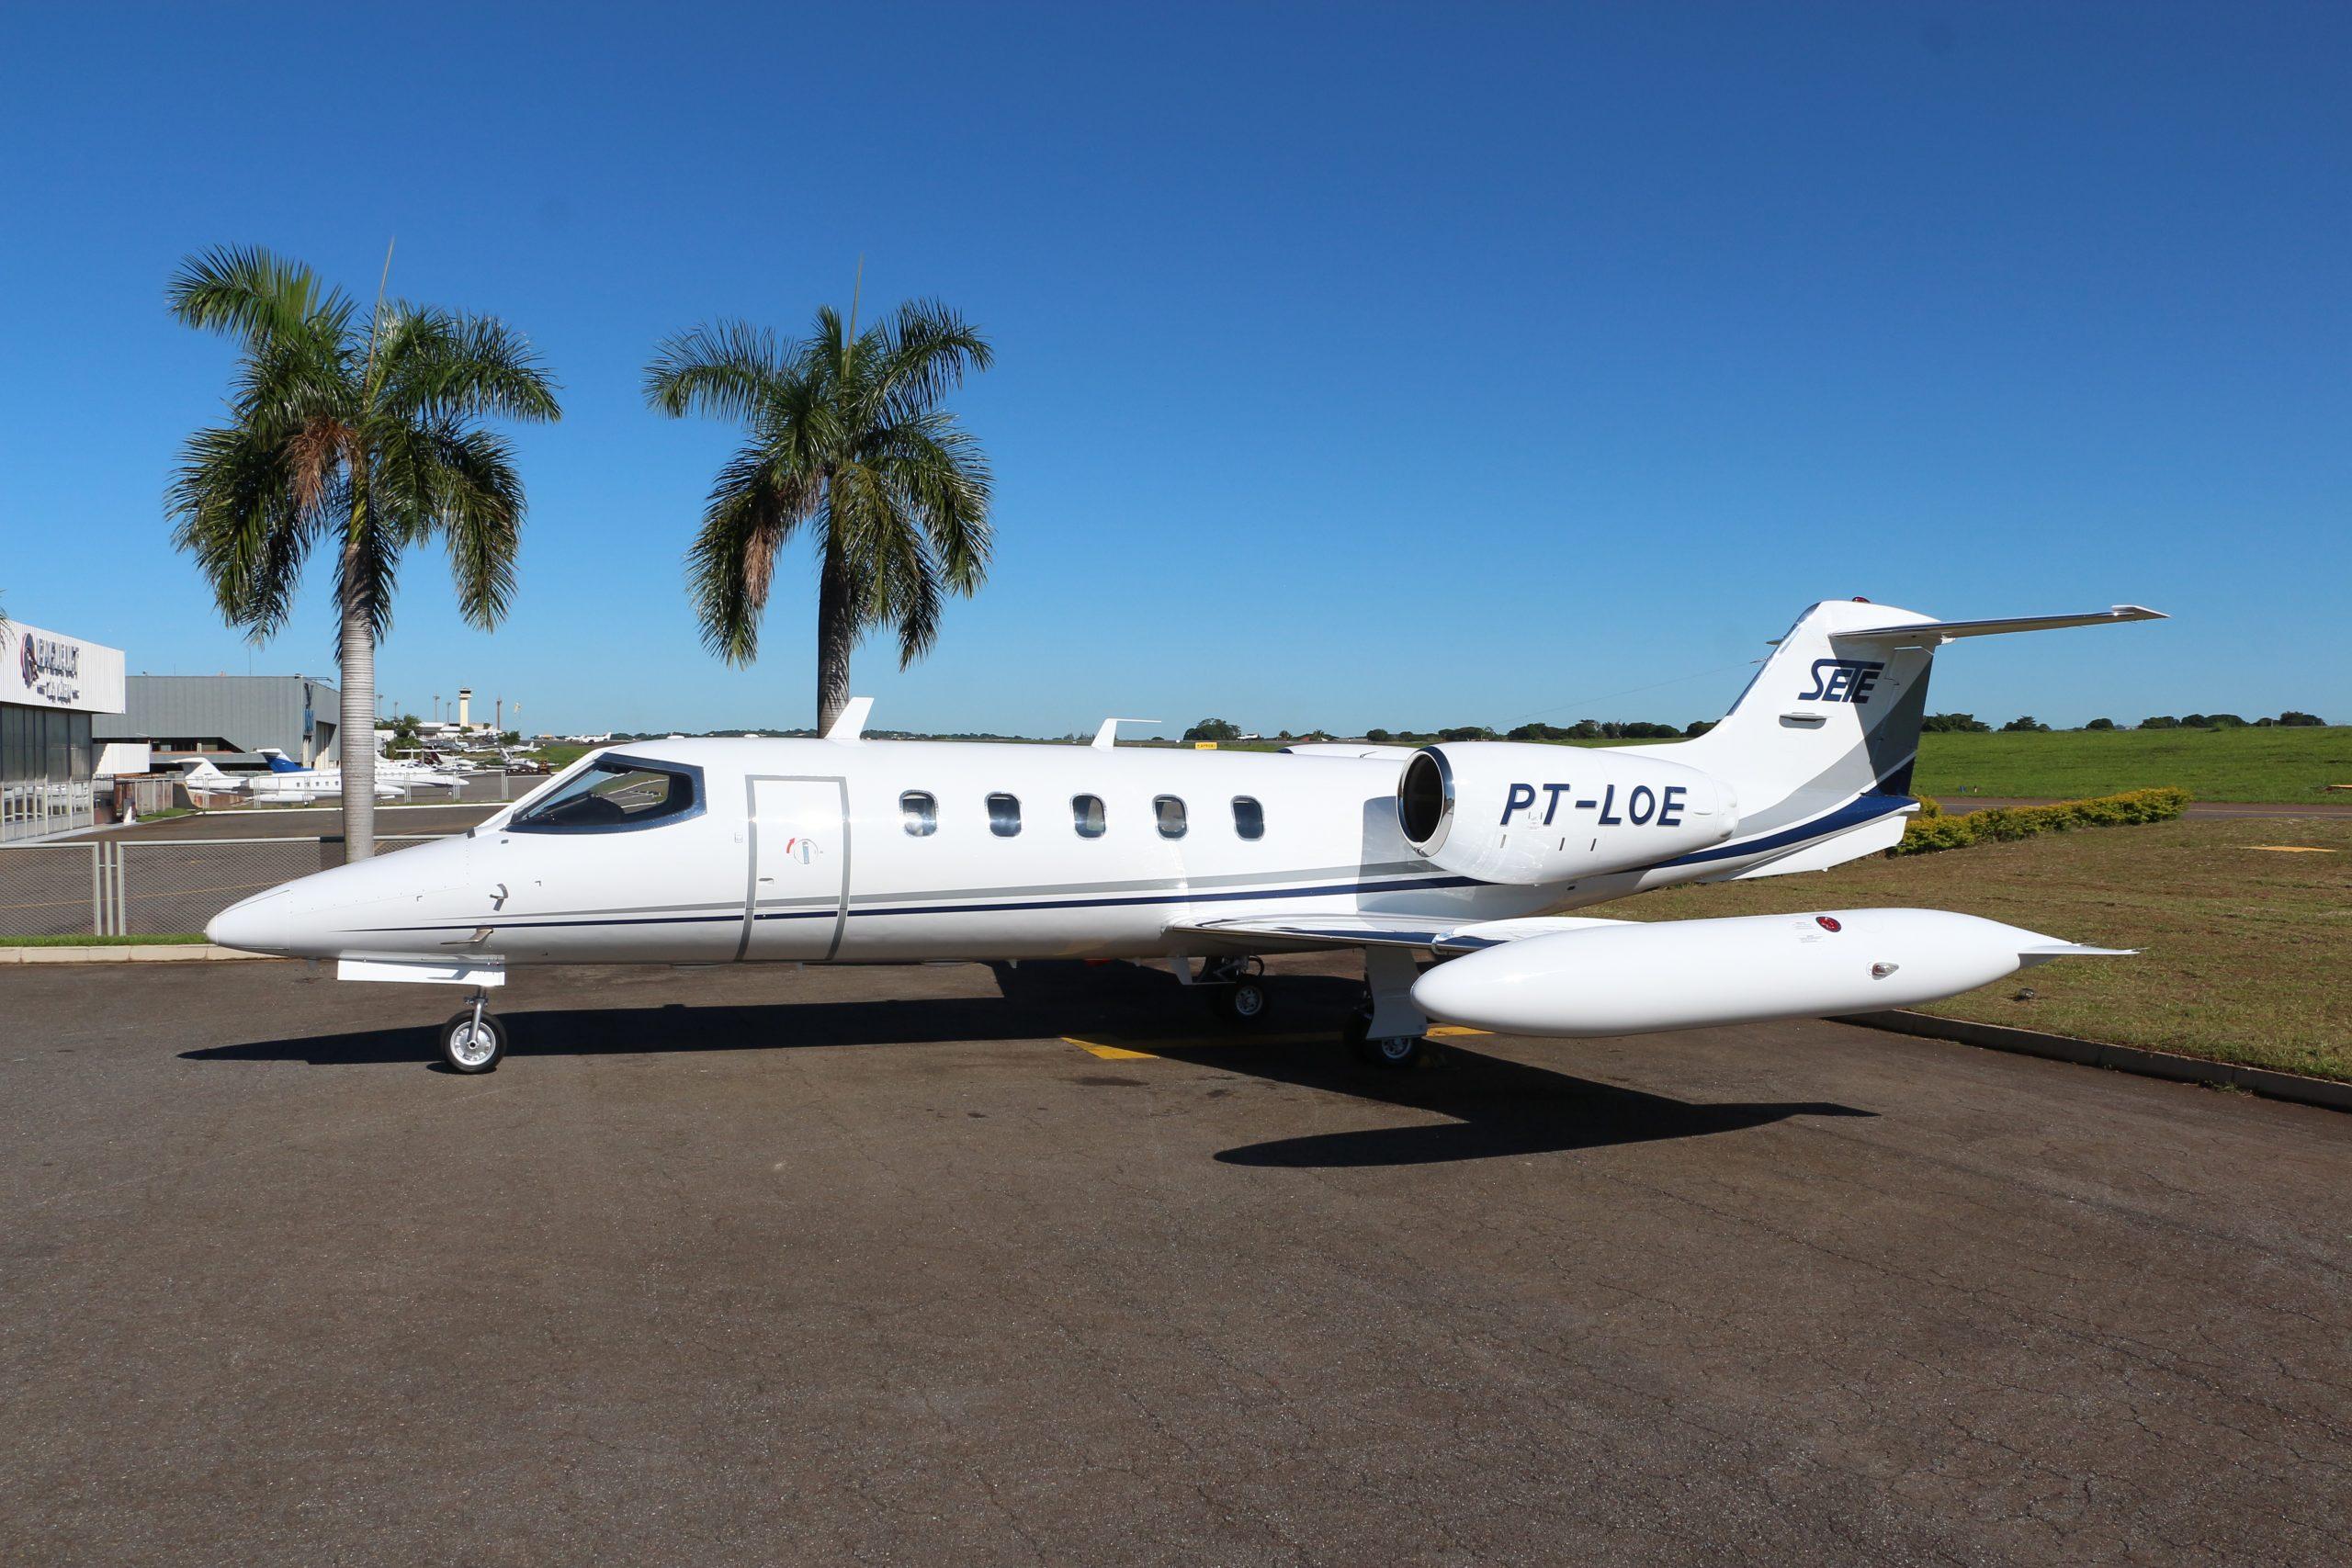 UTI Aérea Jato - Learjet 35A